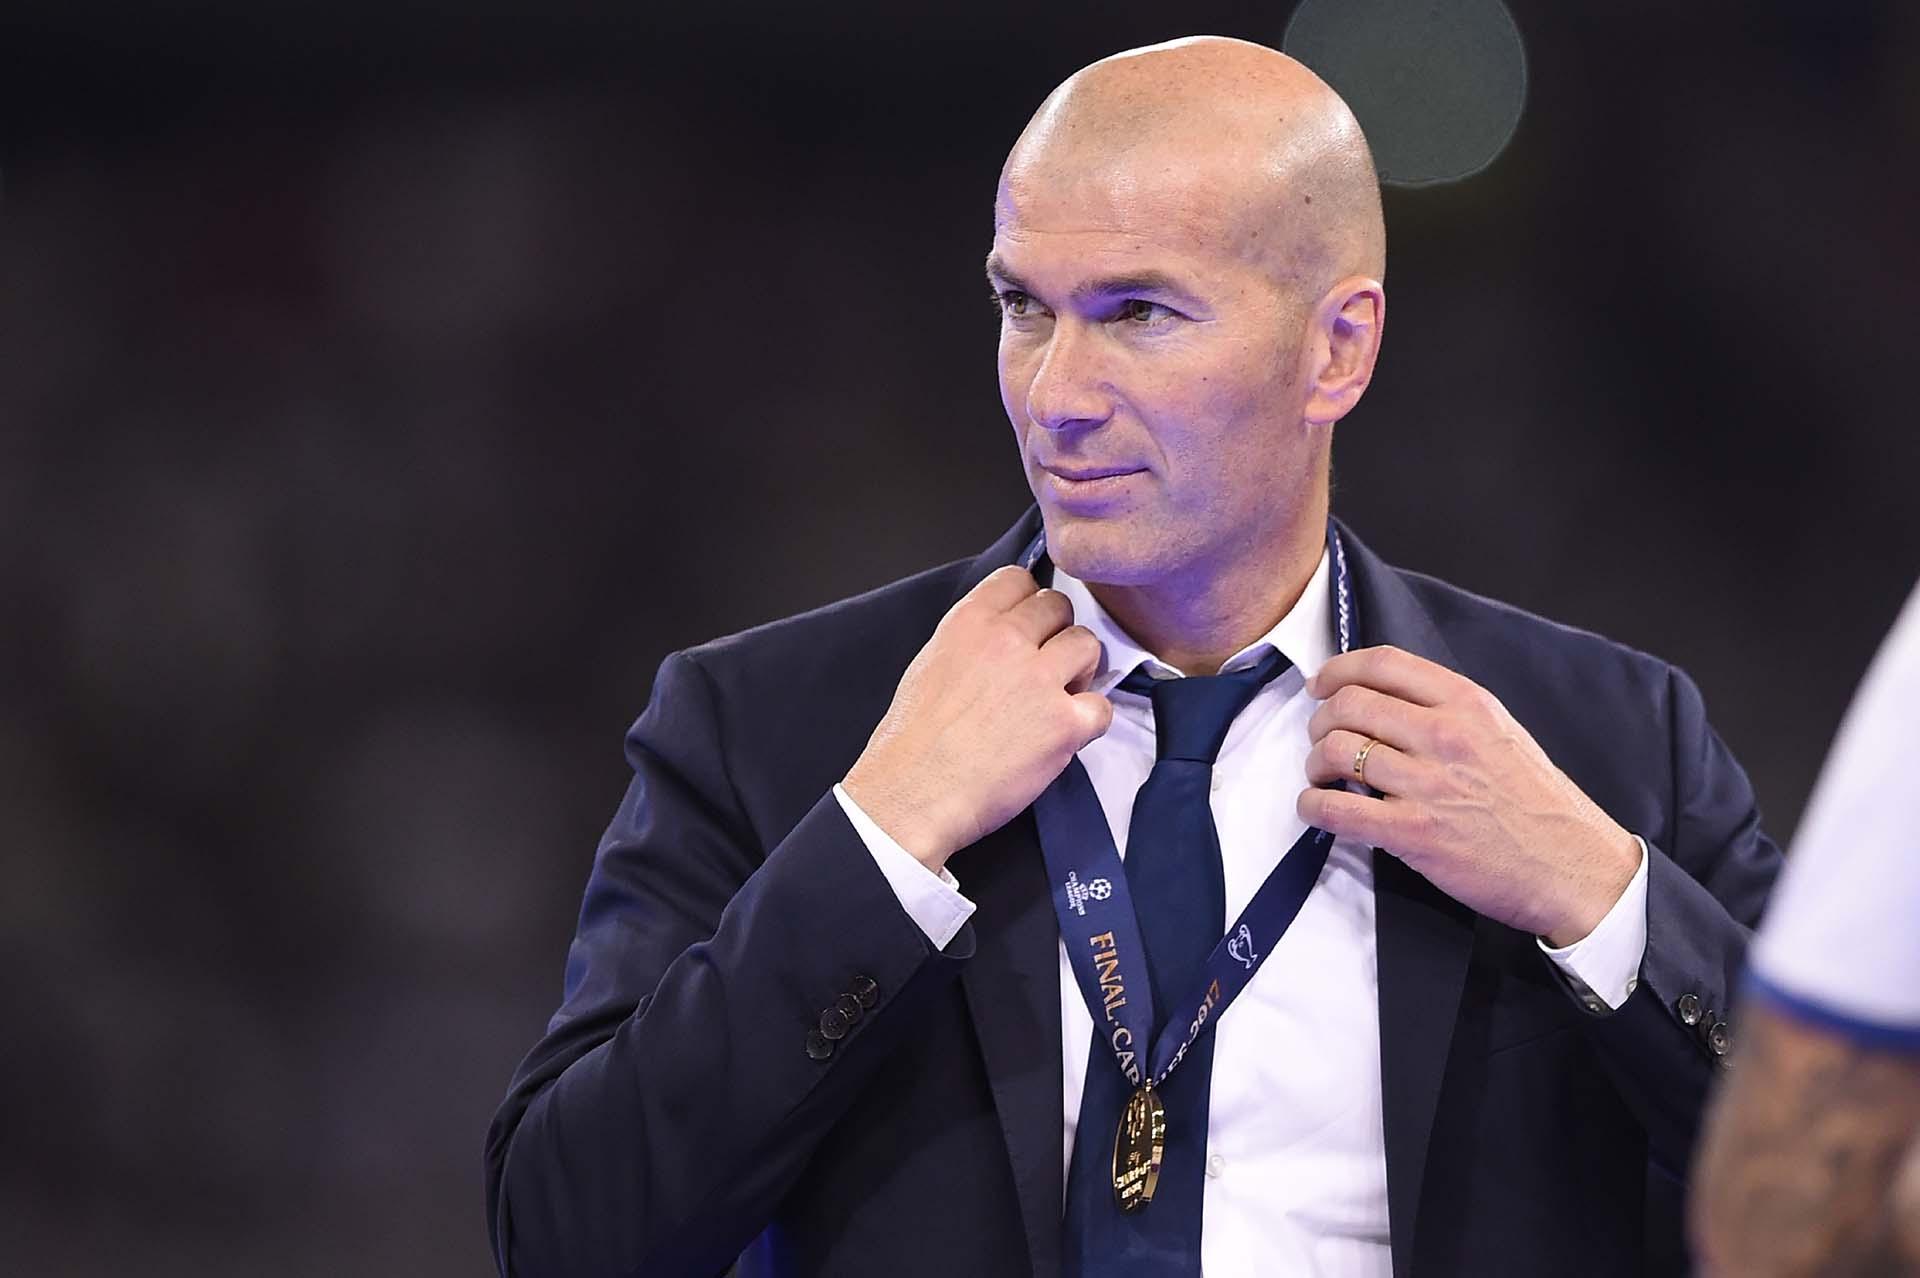 Zidane dio una charla magistral al descanso de la final de la Champions League y luego se colgó la medalla de campeón